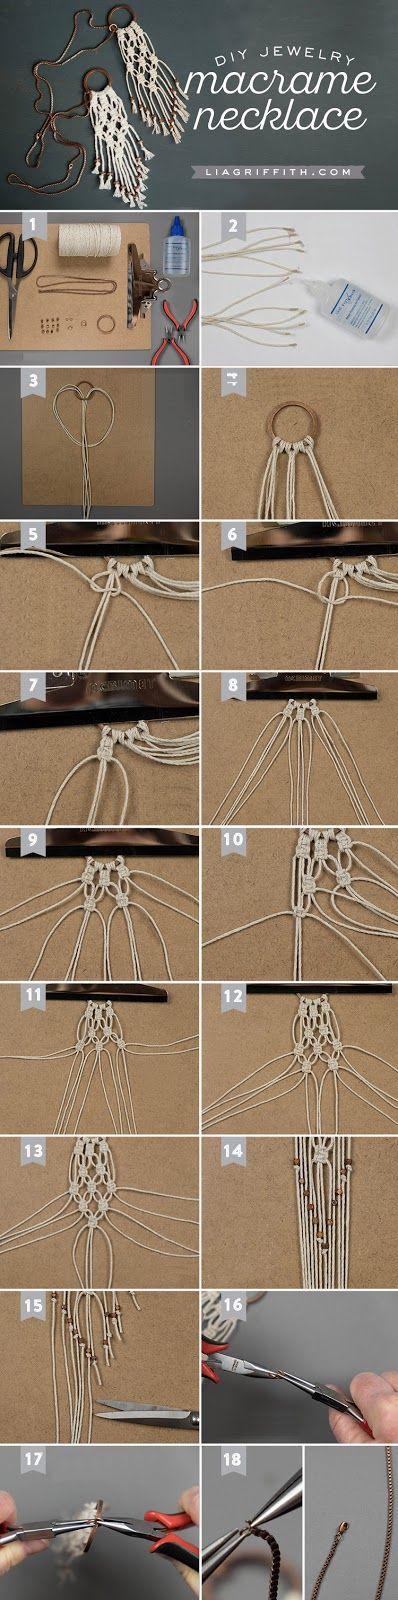 Πώς να φτιάξουμε μοναδικά μακραμέ κολιέ!   Φτιάξτο μόνος σου - Κατασκευές DIY - Do it yourself